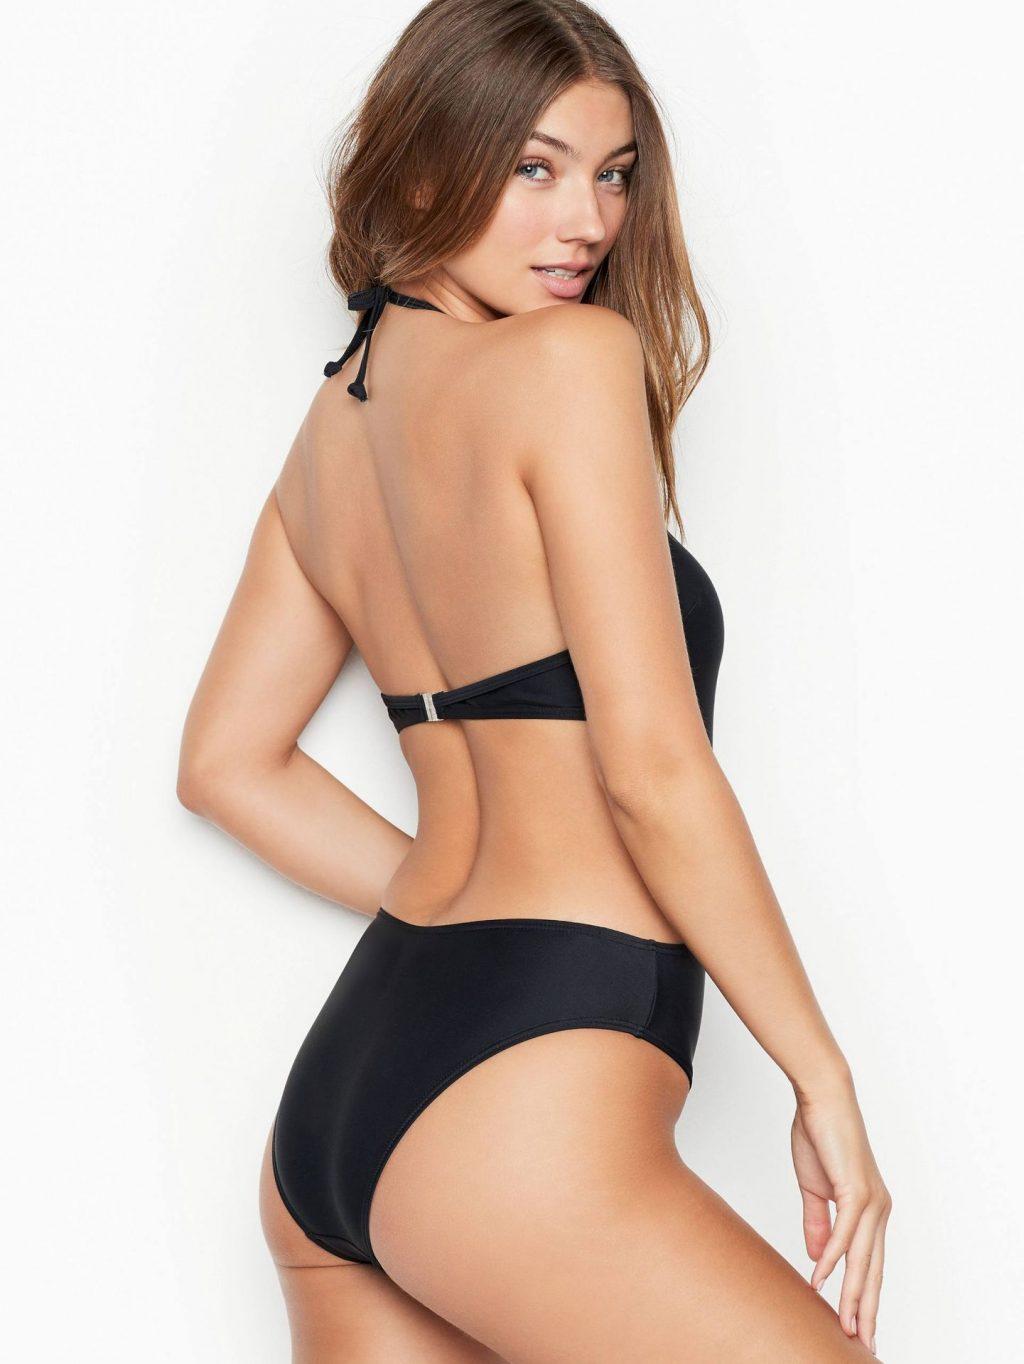 Lorena Rae Sexy – Victoria's Secret Bikinis (27 Photos)